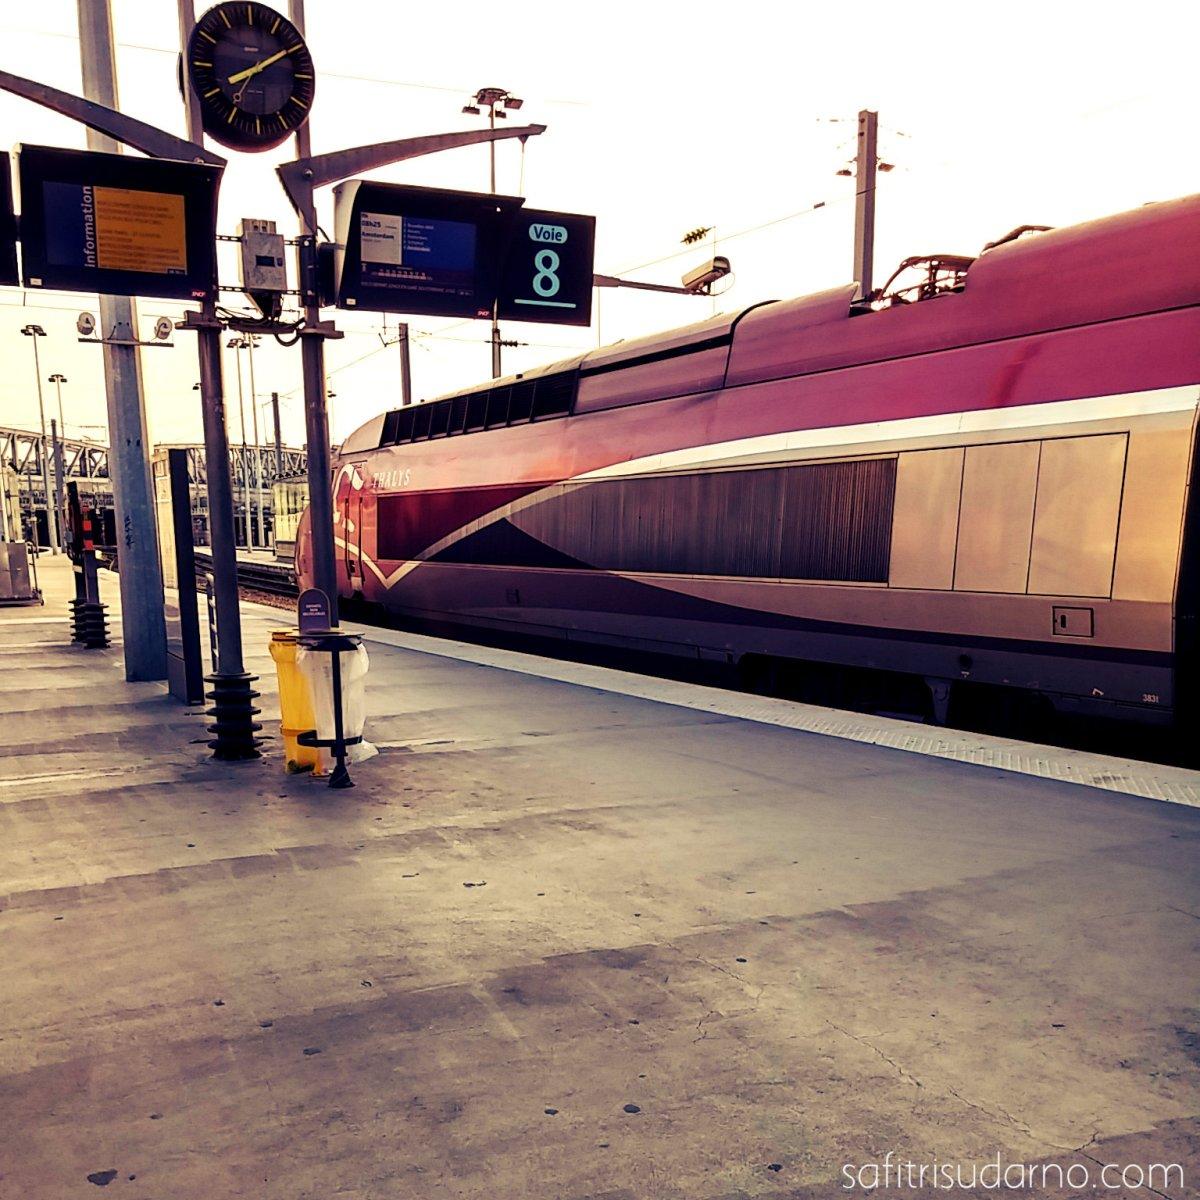 Thalys train in Paris